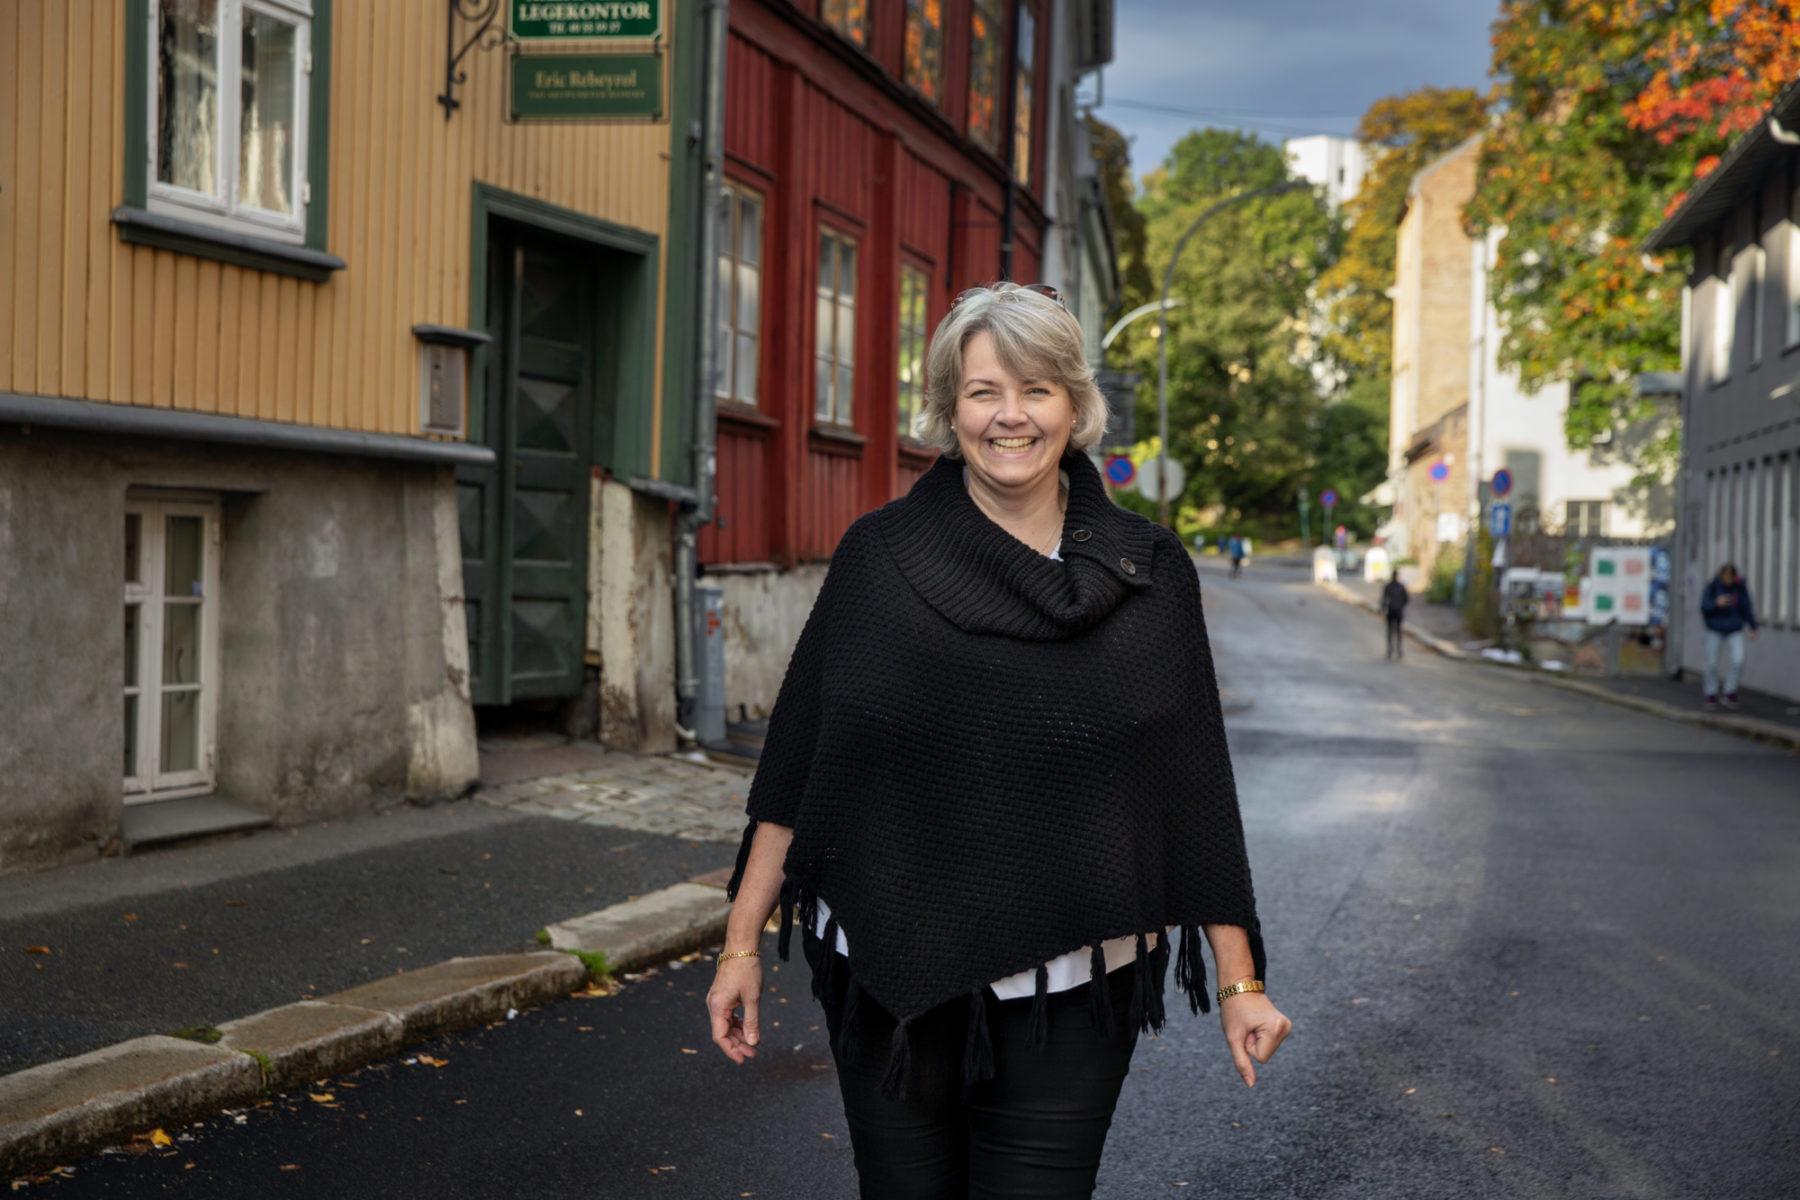 En smilende dame går mot kamera. i Bakgrunnen ser vi en Oslogate med trehus i friske farger.